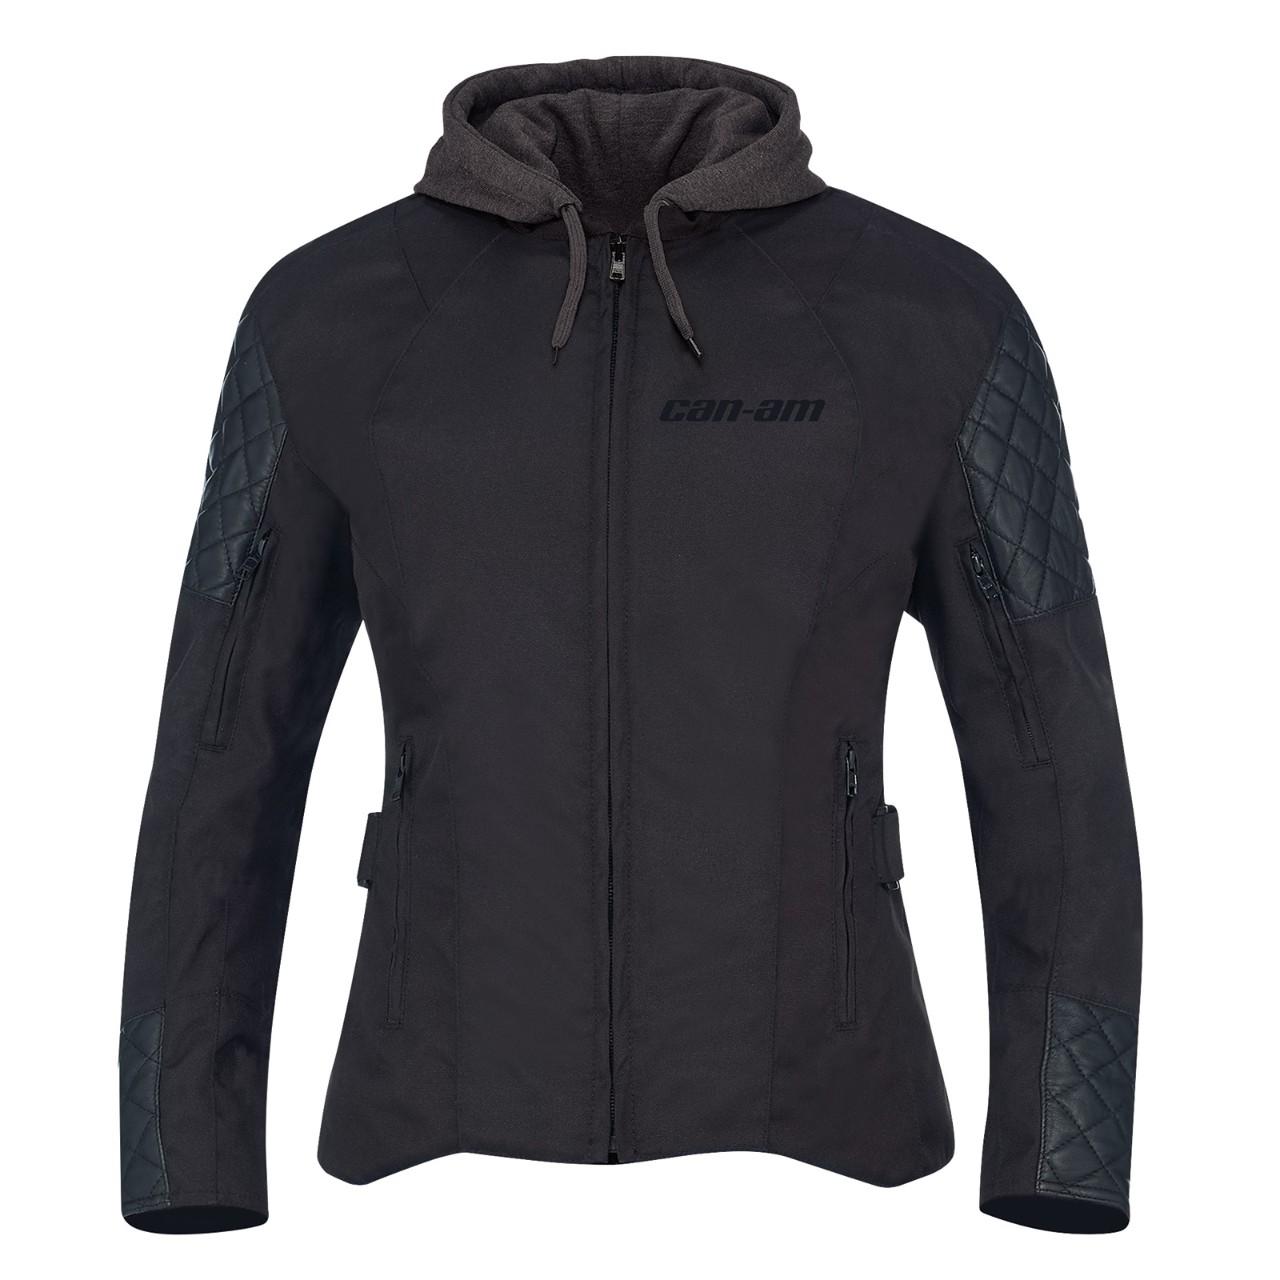 Veste textile Can-Am Cq5dam.web.1280.1280